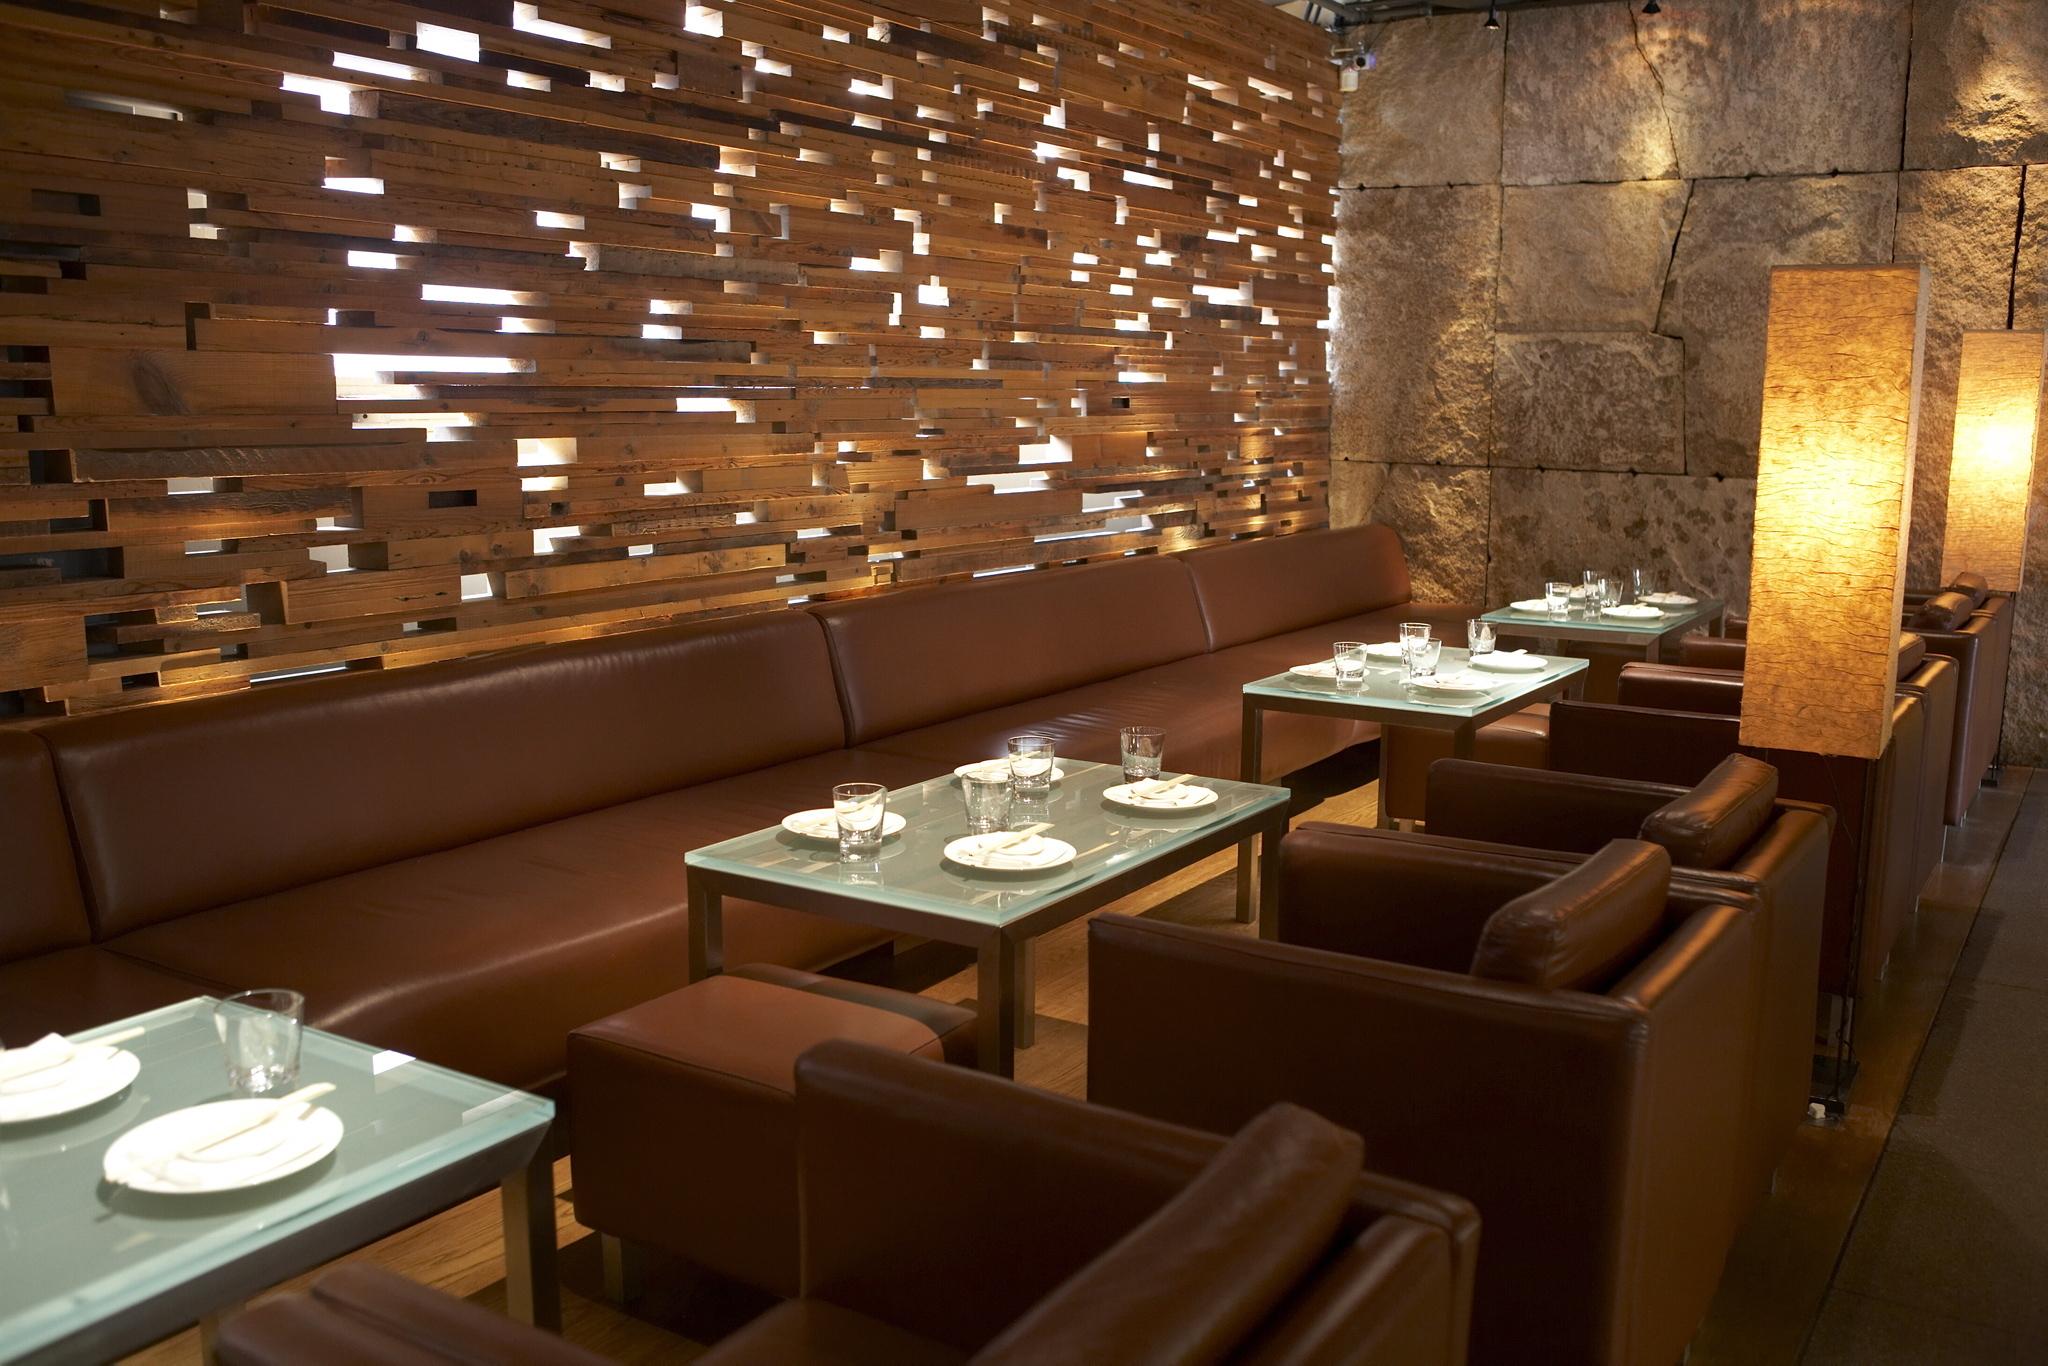 Suzuki Nyc Restaurant